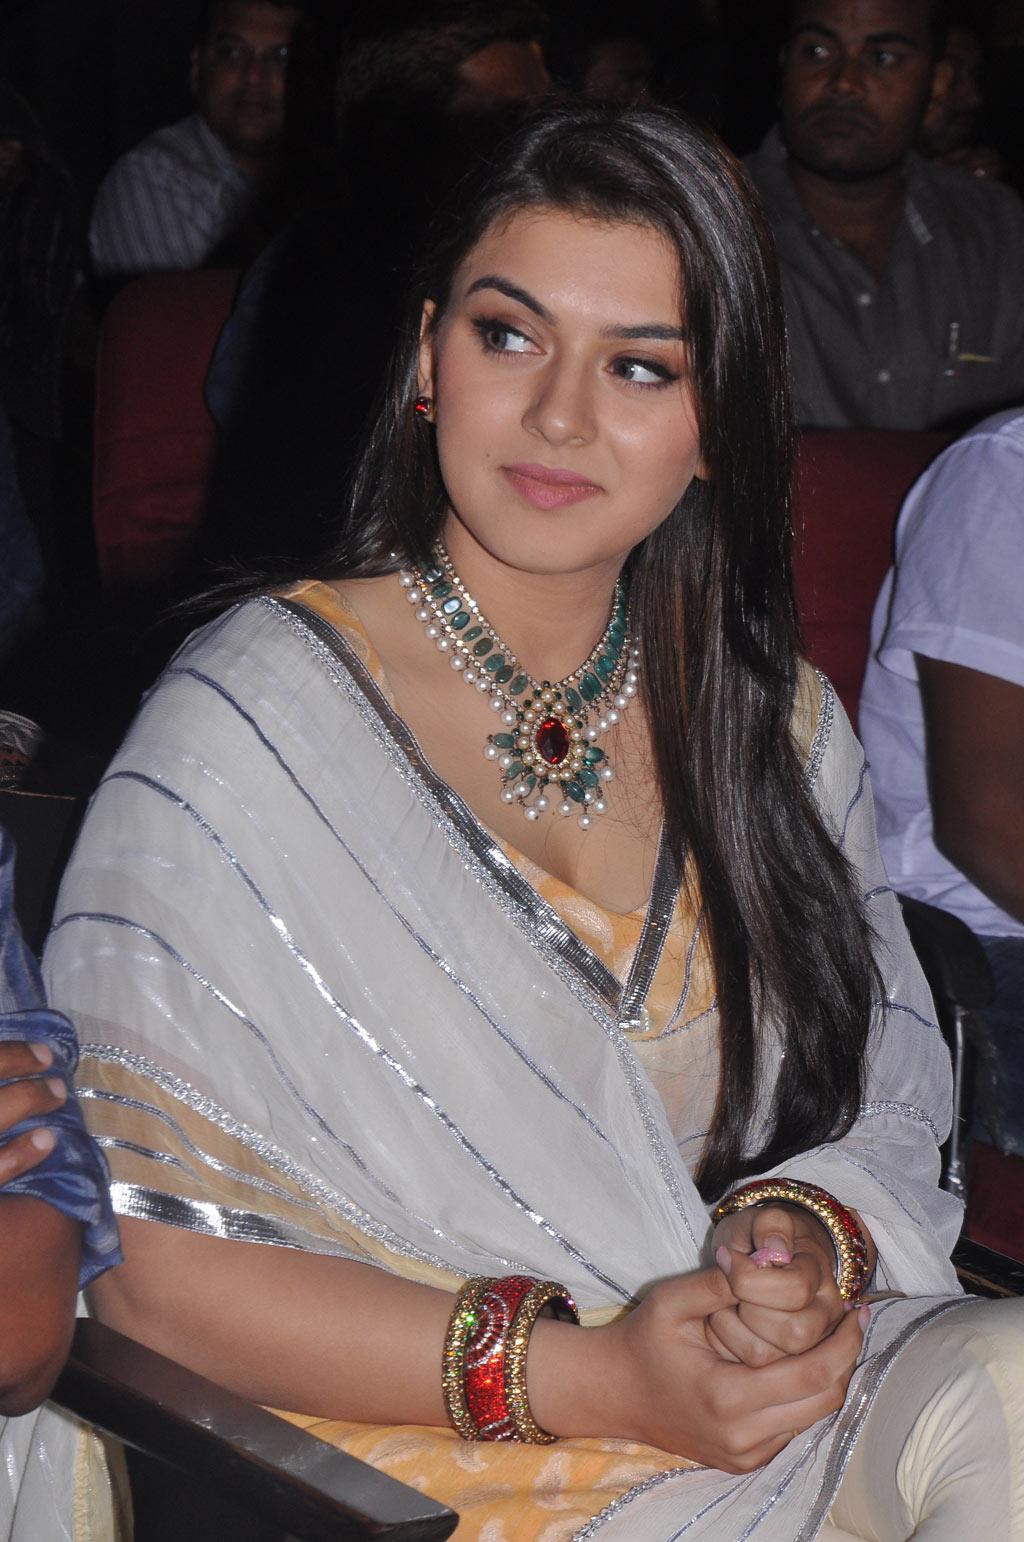 Hansika Motwani in glamour actress hd wallpaper HD  - glamour actress hansika motwani wallpapers